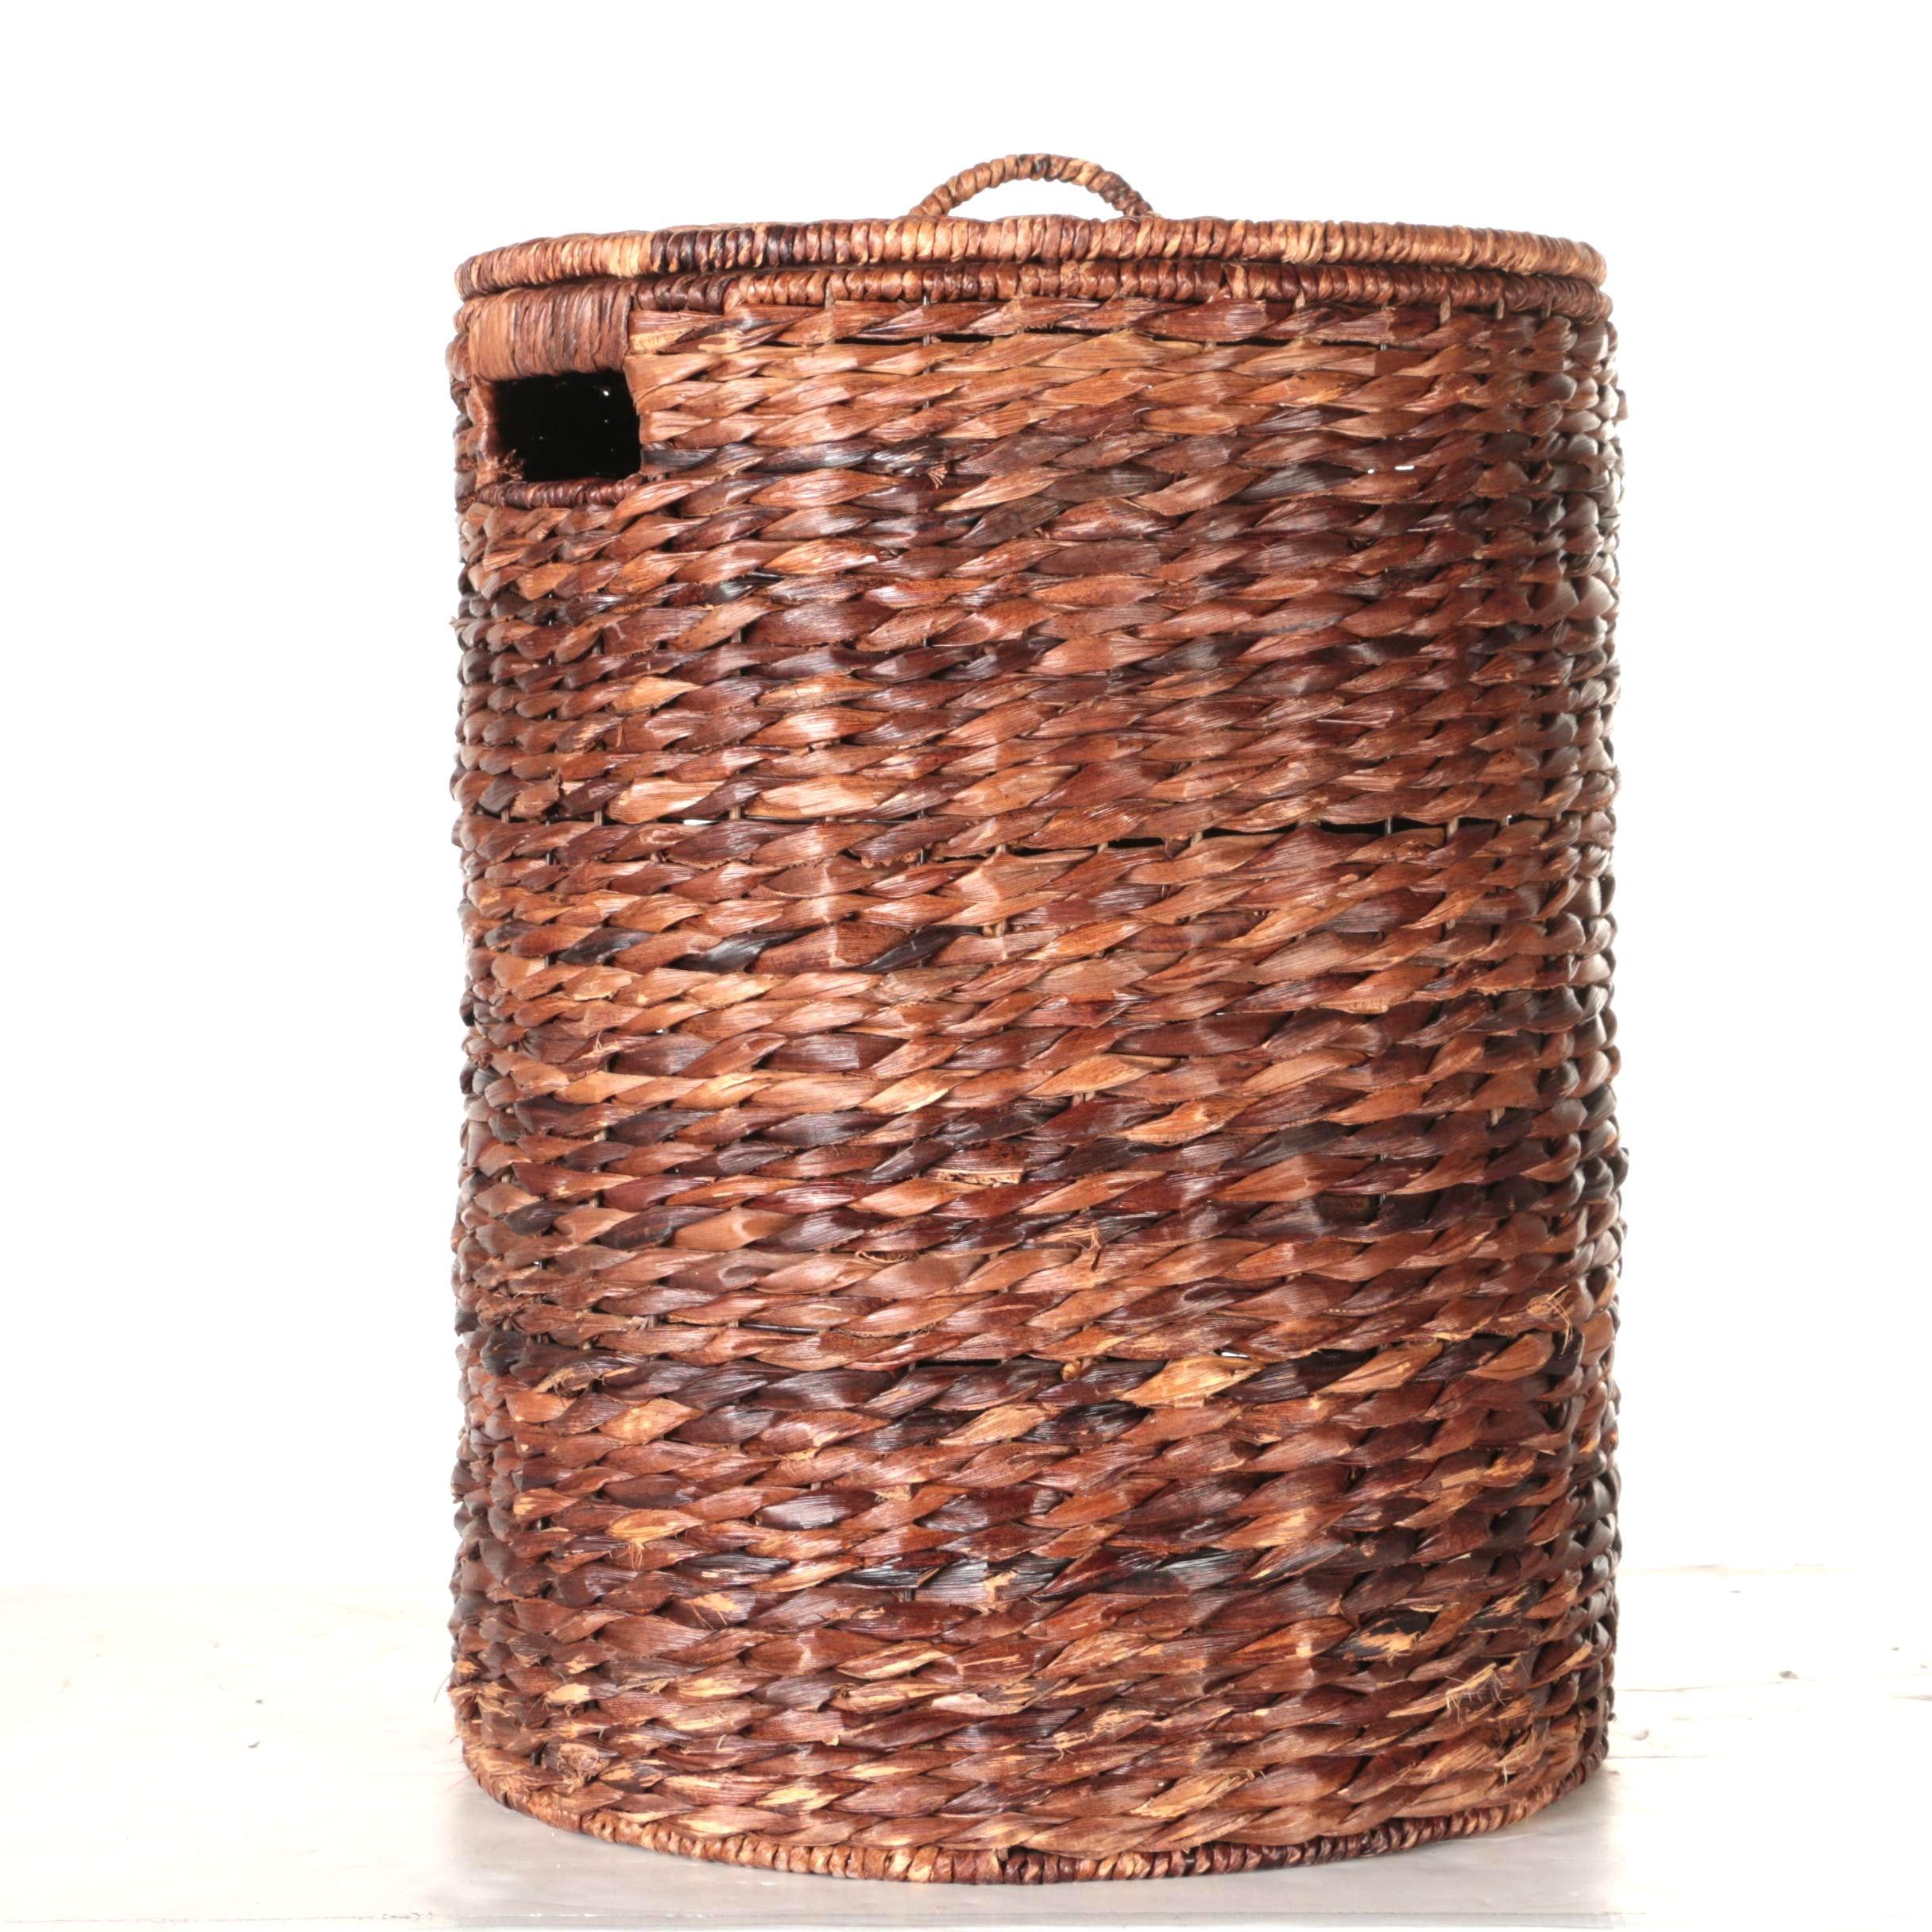 Brown Wicker Laundry Basket